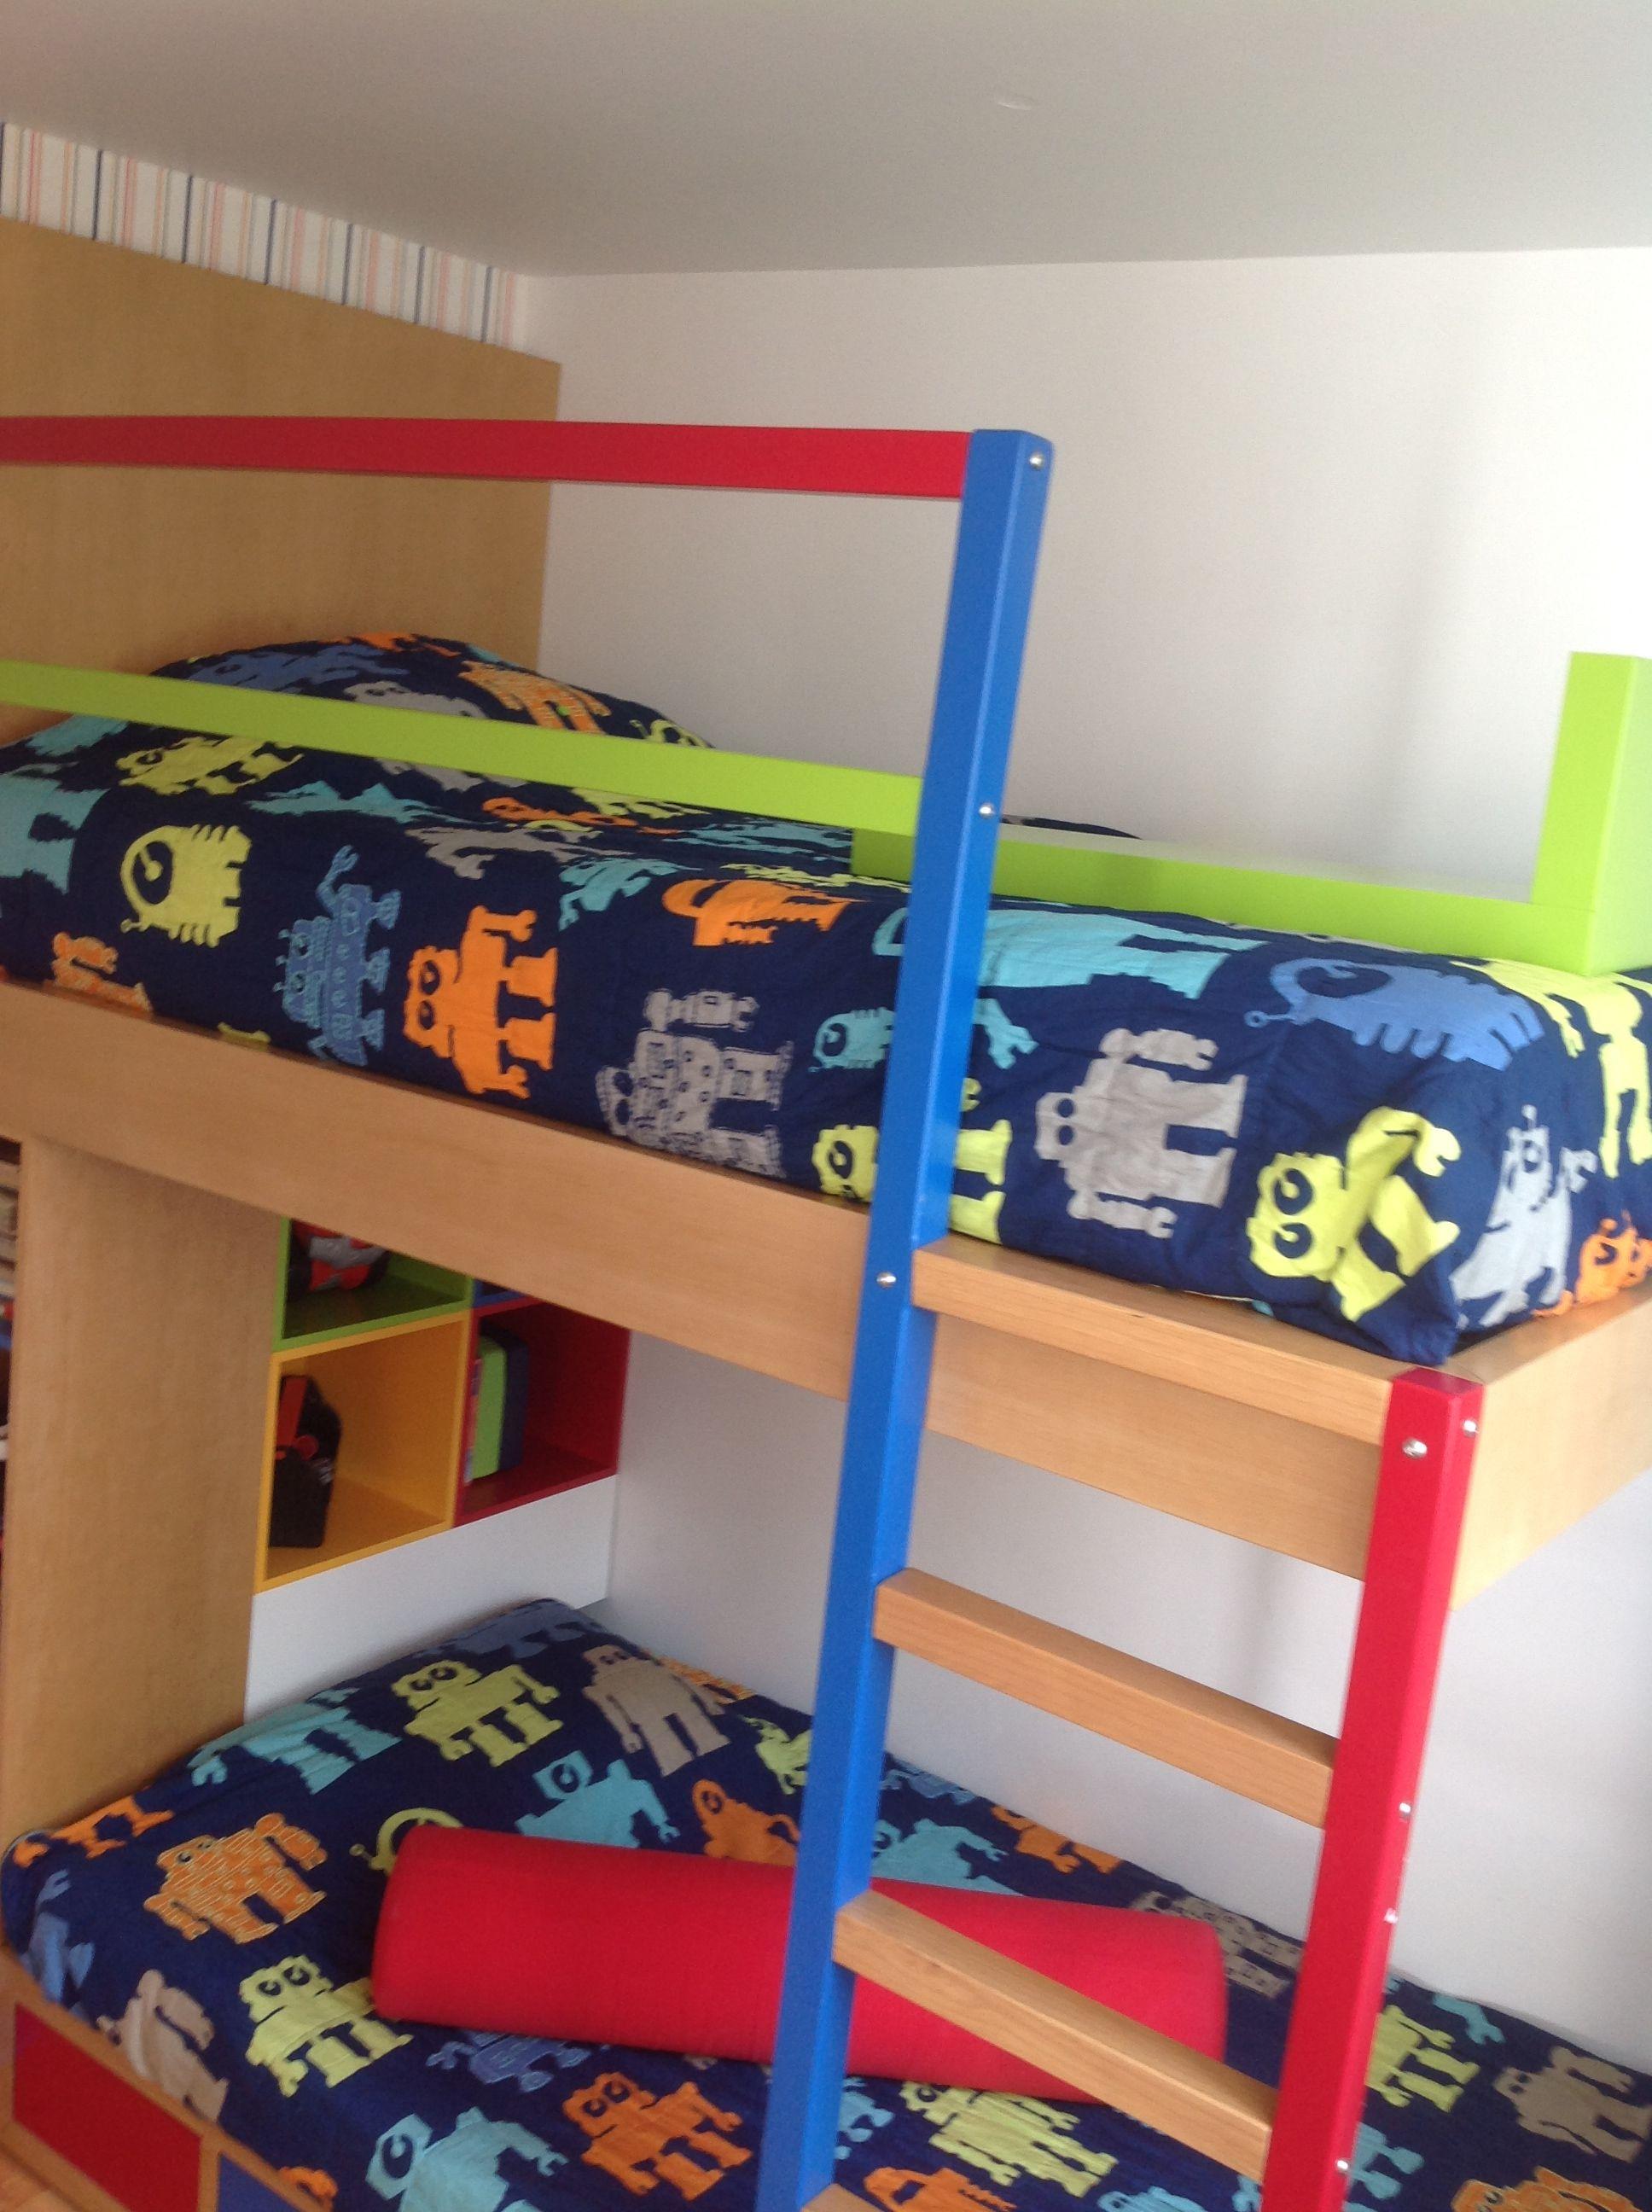 11 ideas para decorar la habitación de tu hijo #decoración #hogar ...